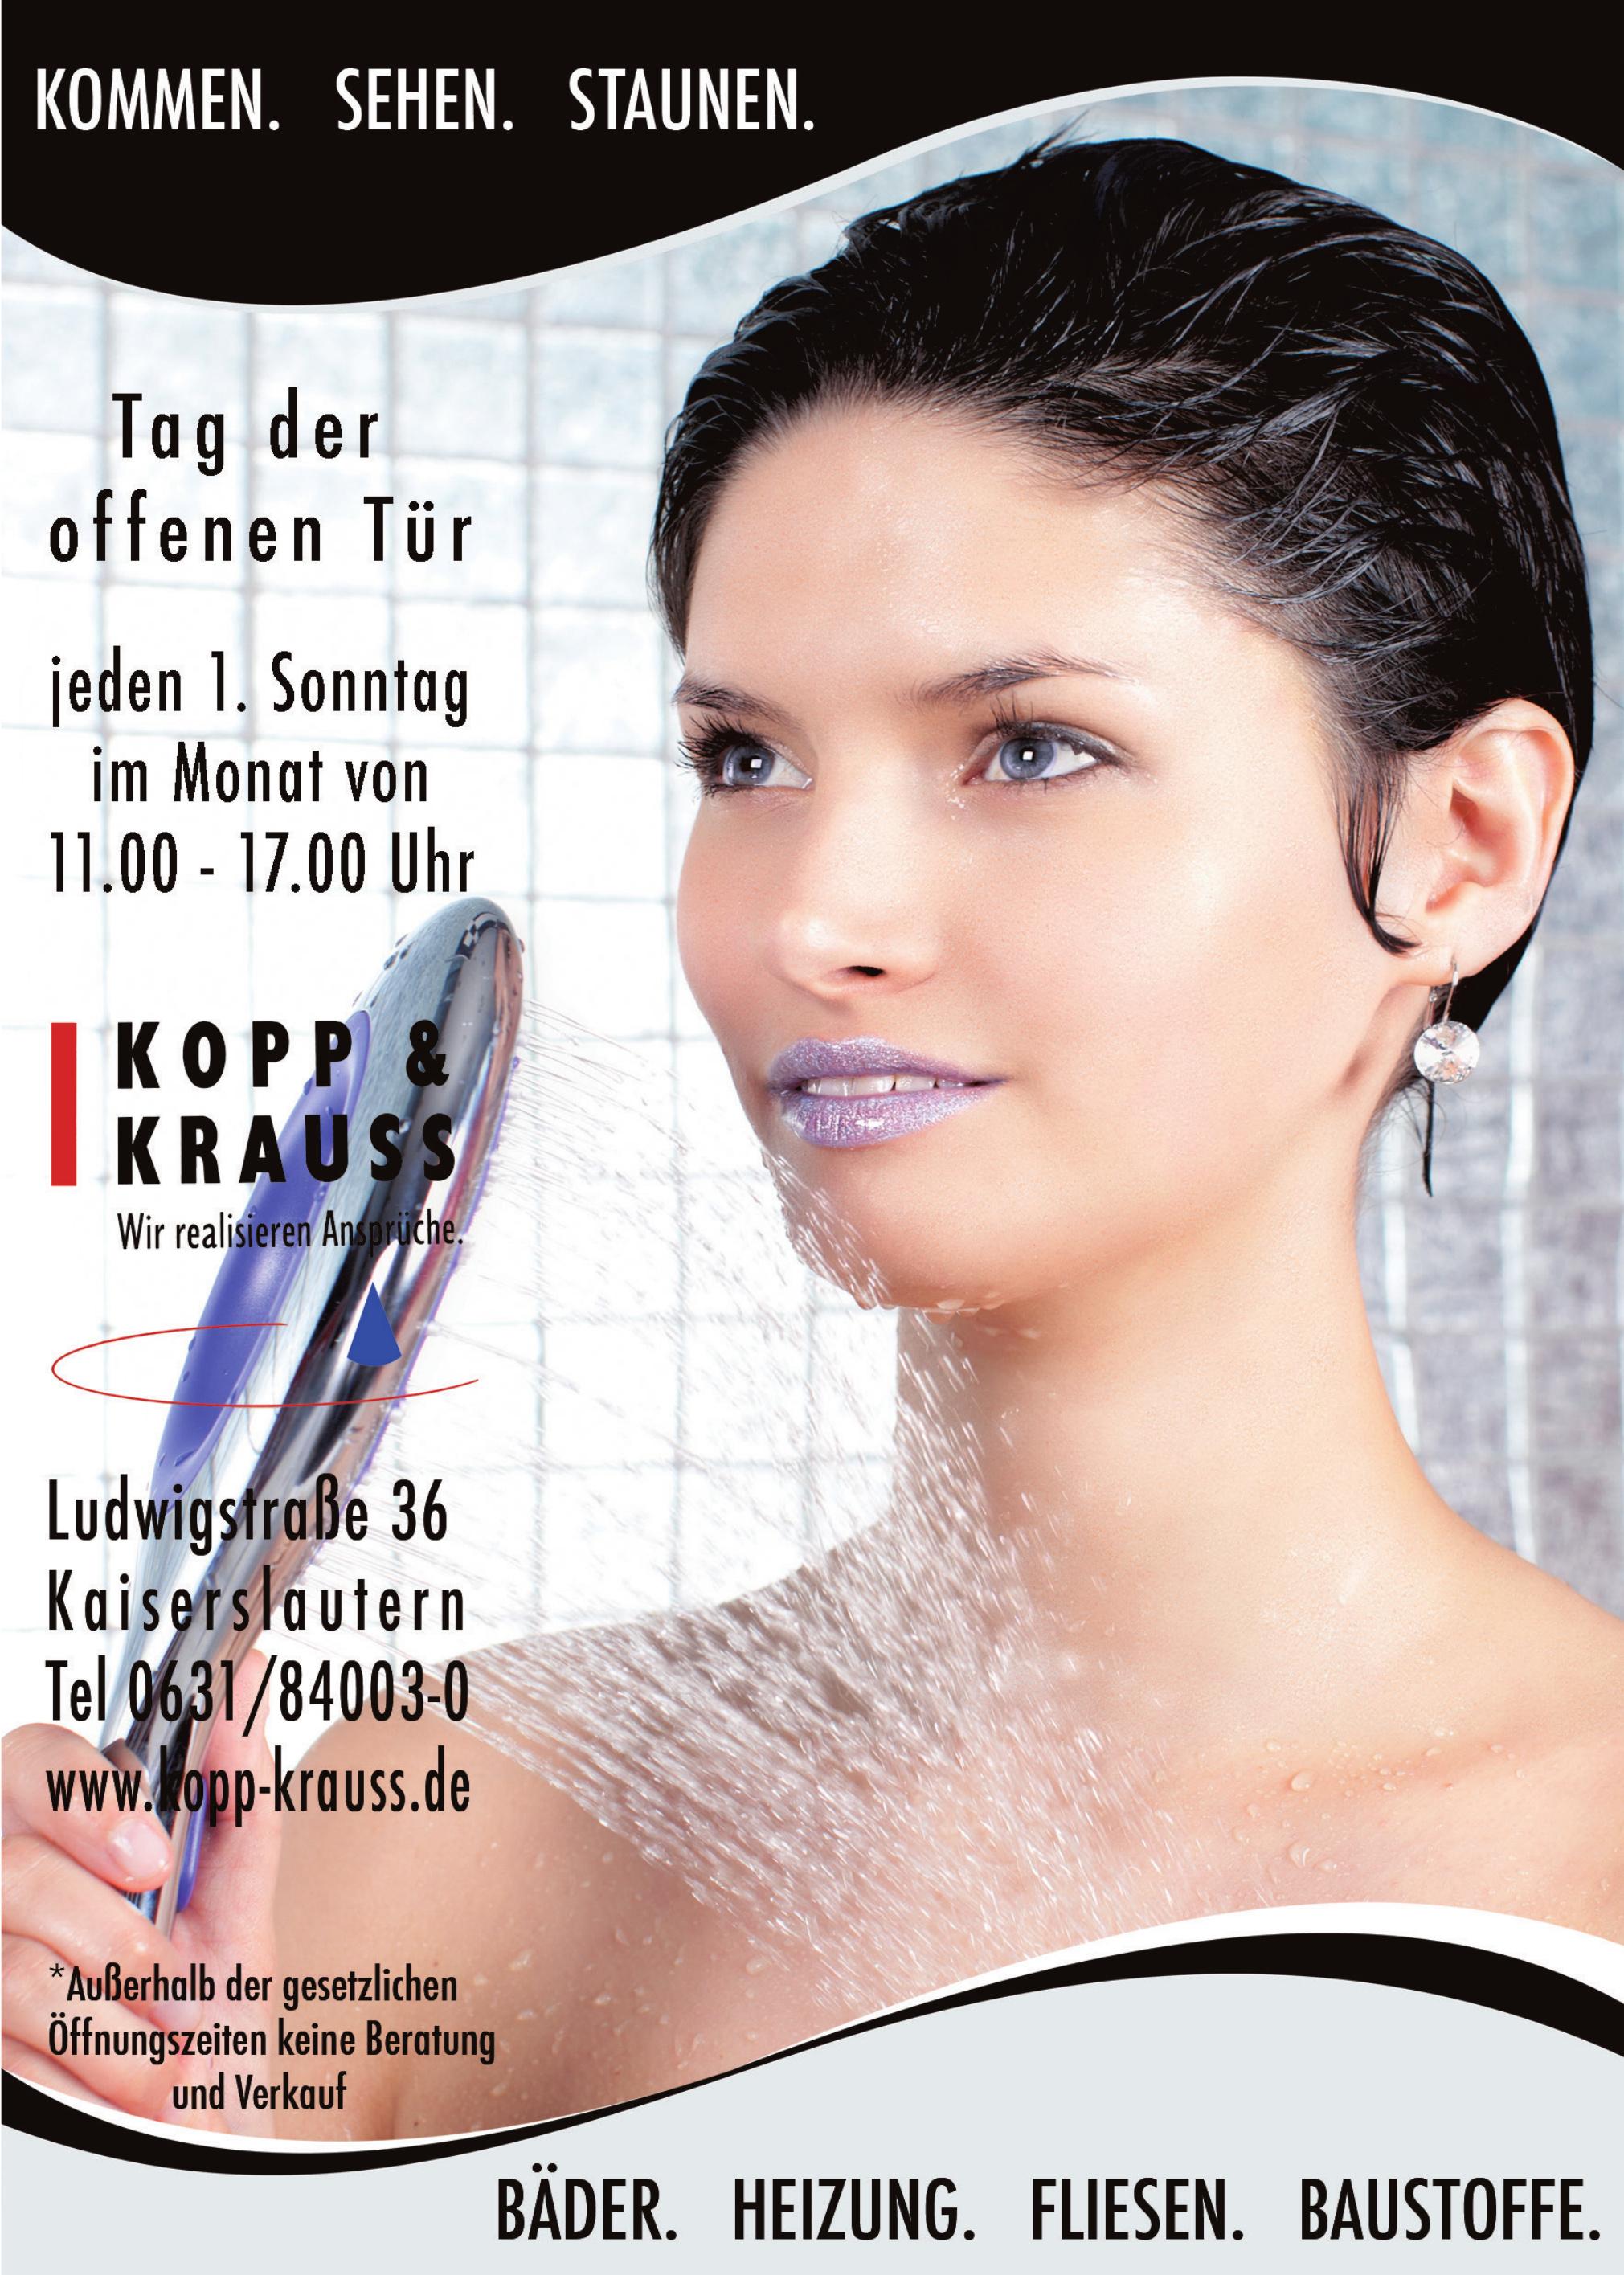 Kopp & Krauss